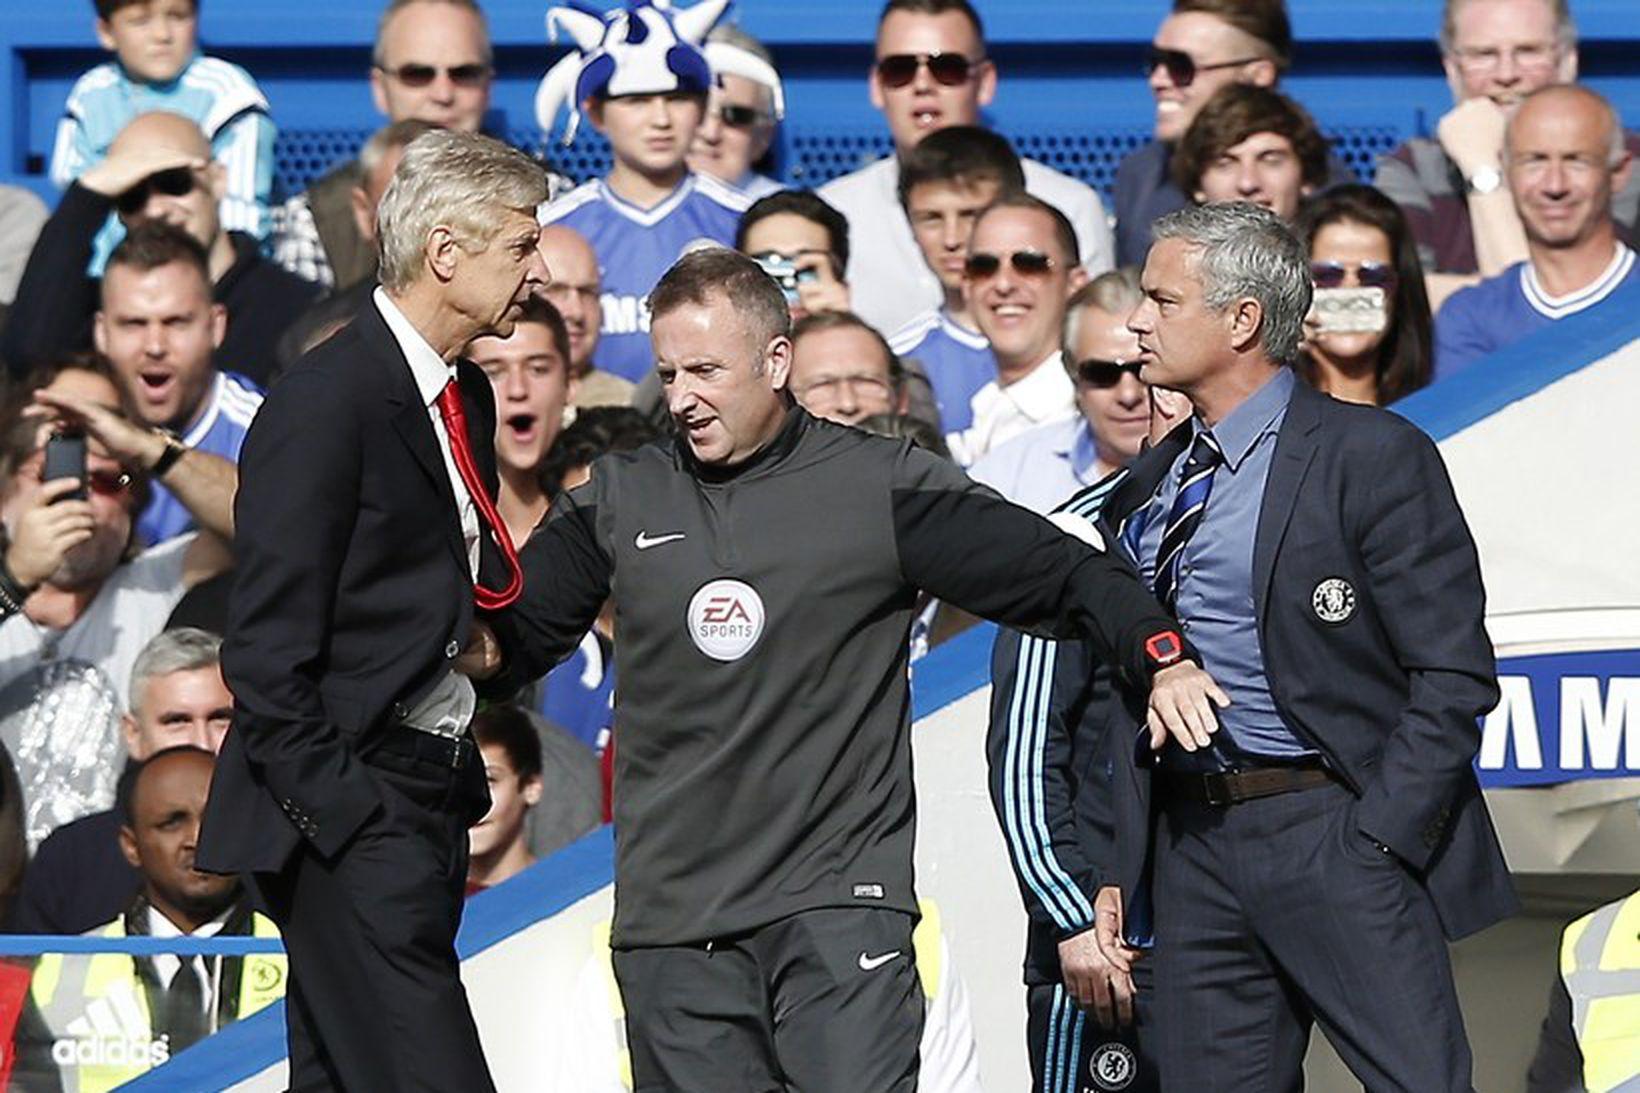 Stundum þurfti að skilja Arsene Wenger og José Mourinho að …